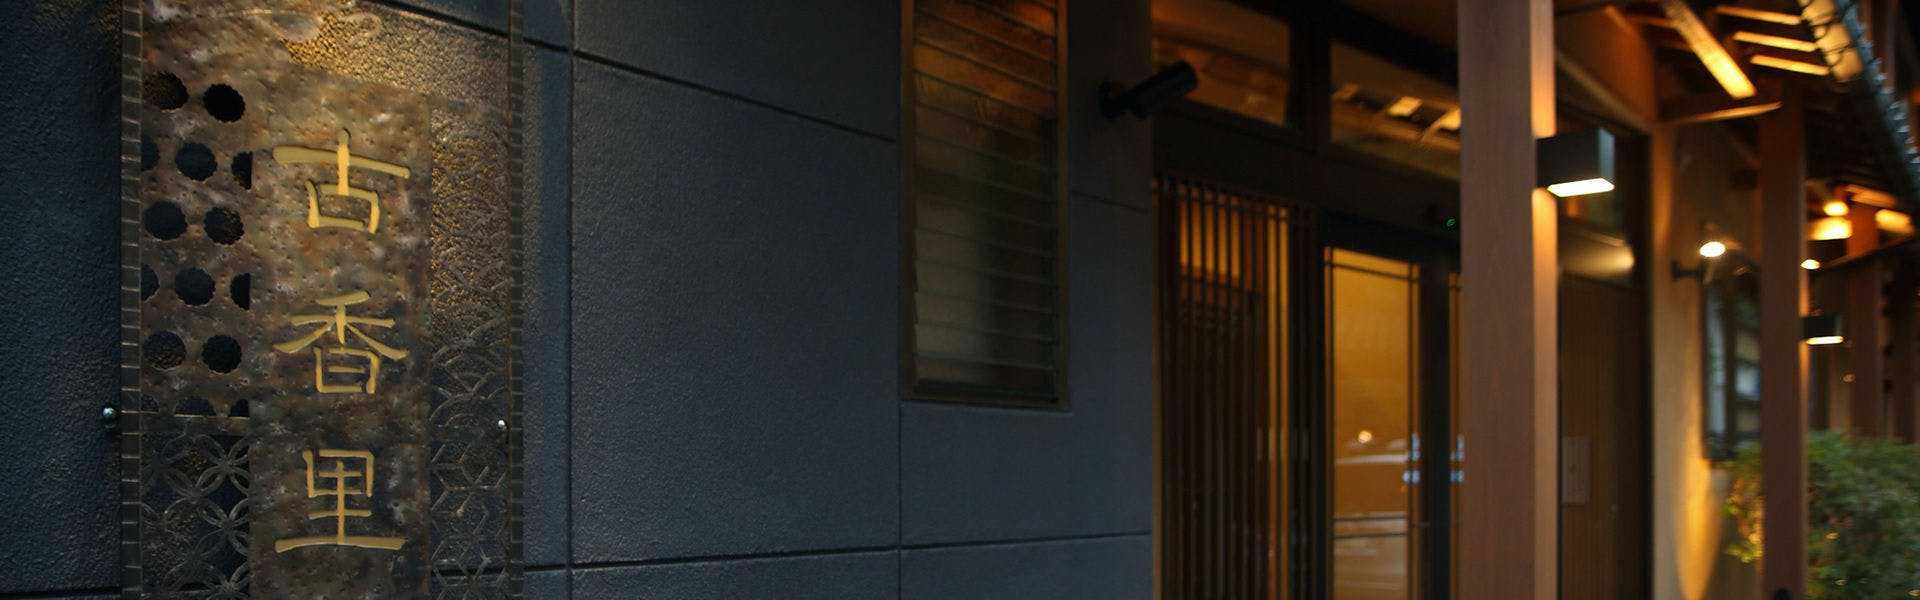 記念日におすすめのホテル・金沢湯涌温泉 古香里庵の写真1